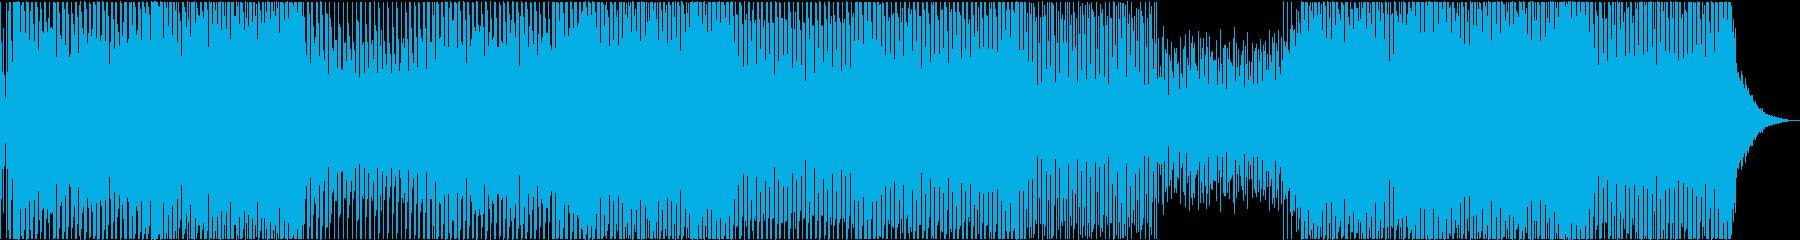 EDM ポップ キッズ 可愛い メルヘンの再生済みの波形